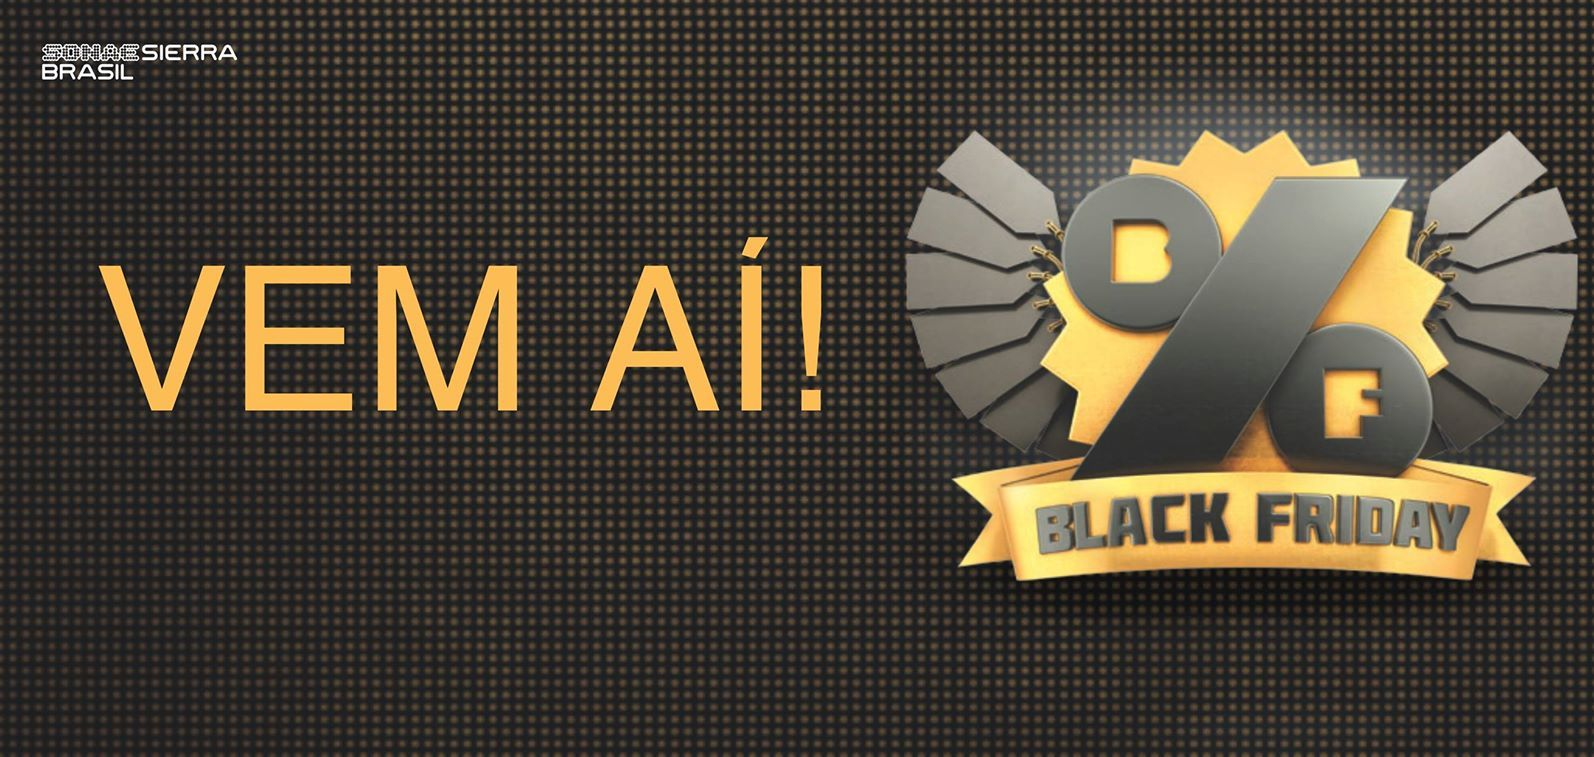 Black Friday continua neste sábado e domingo no Uberlândia Shopping ... 69630b8701